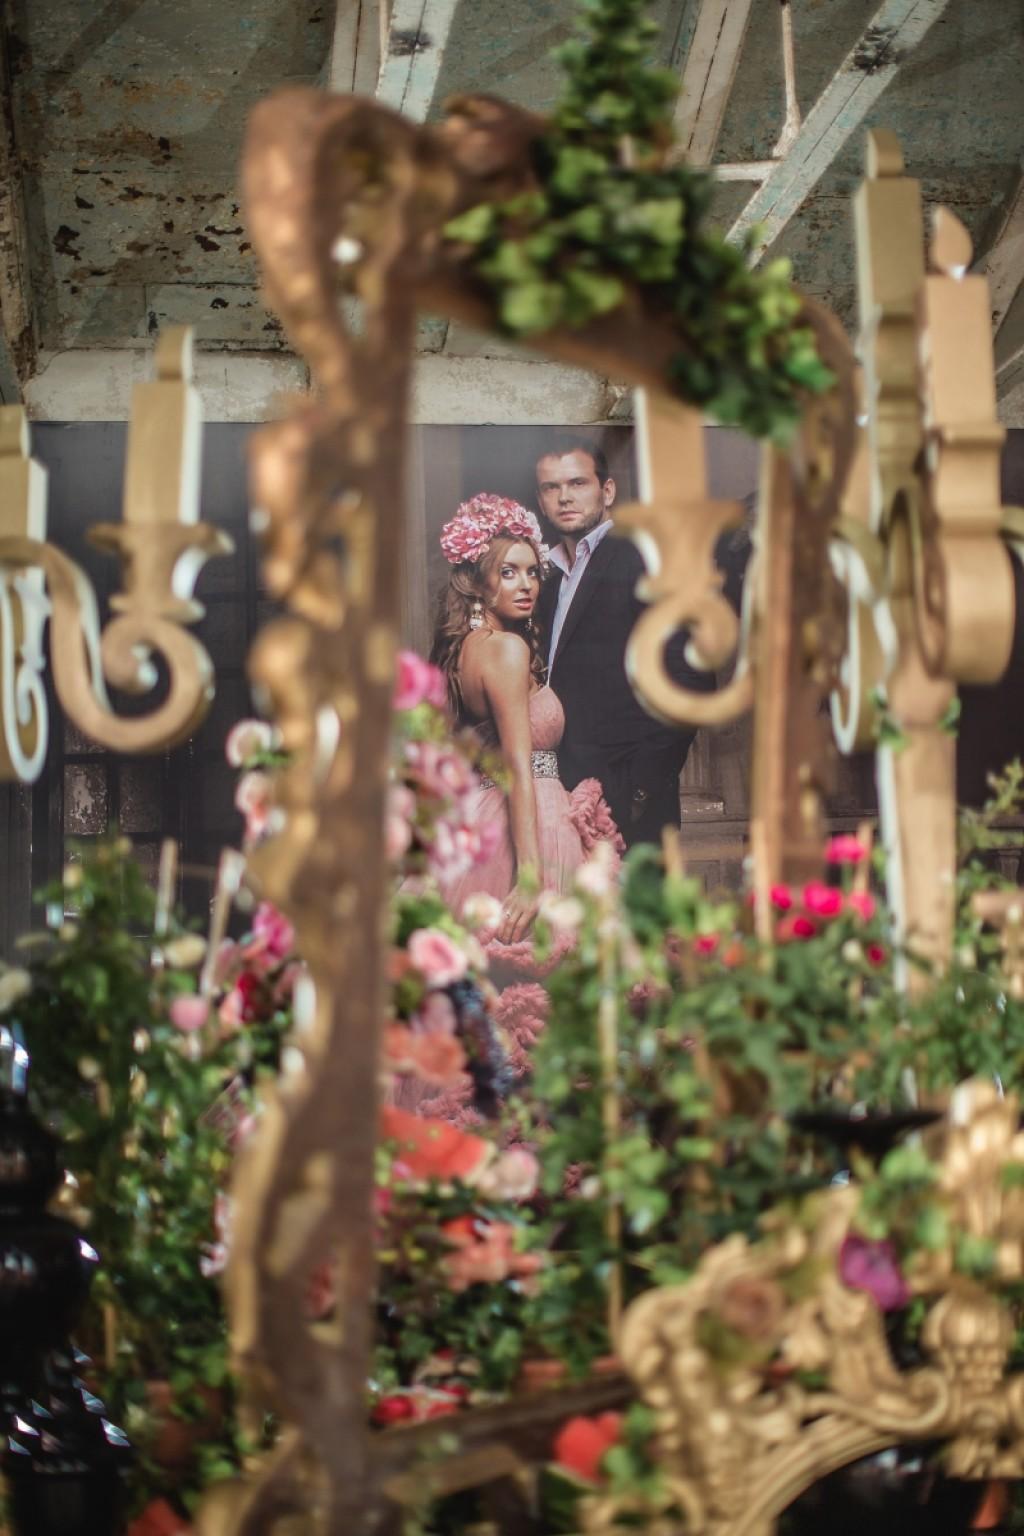 канделябры на свадьбе